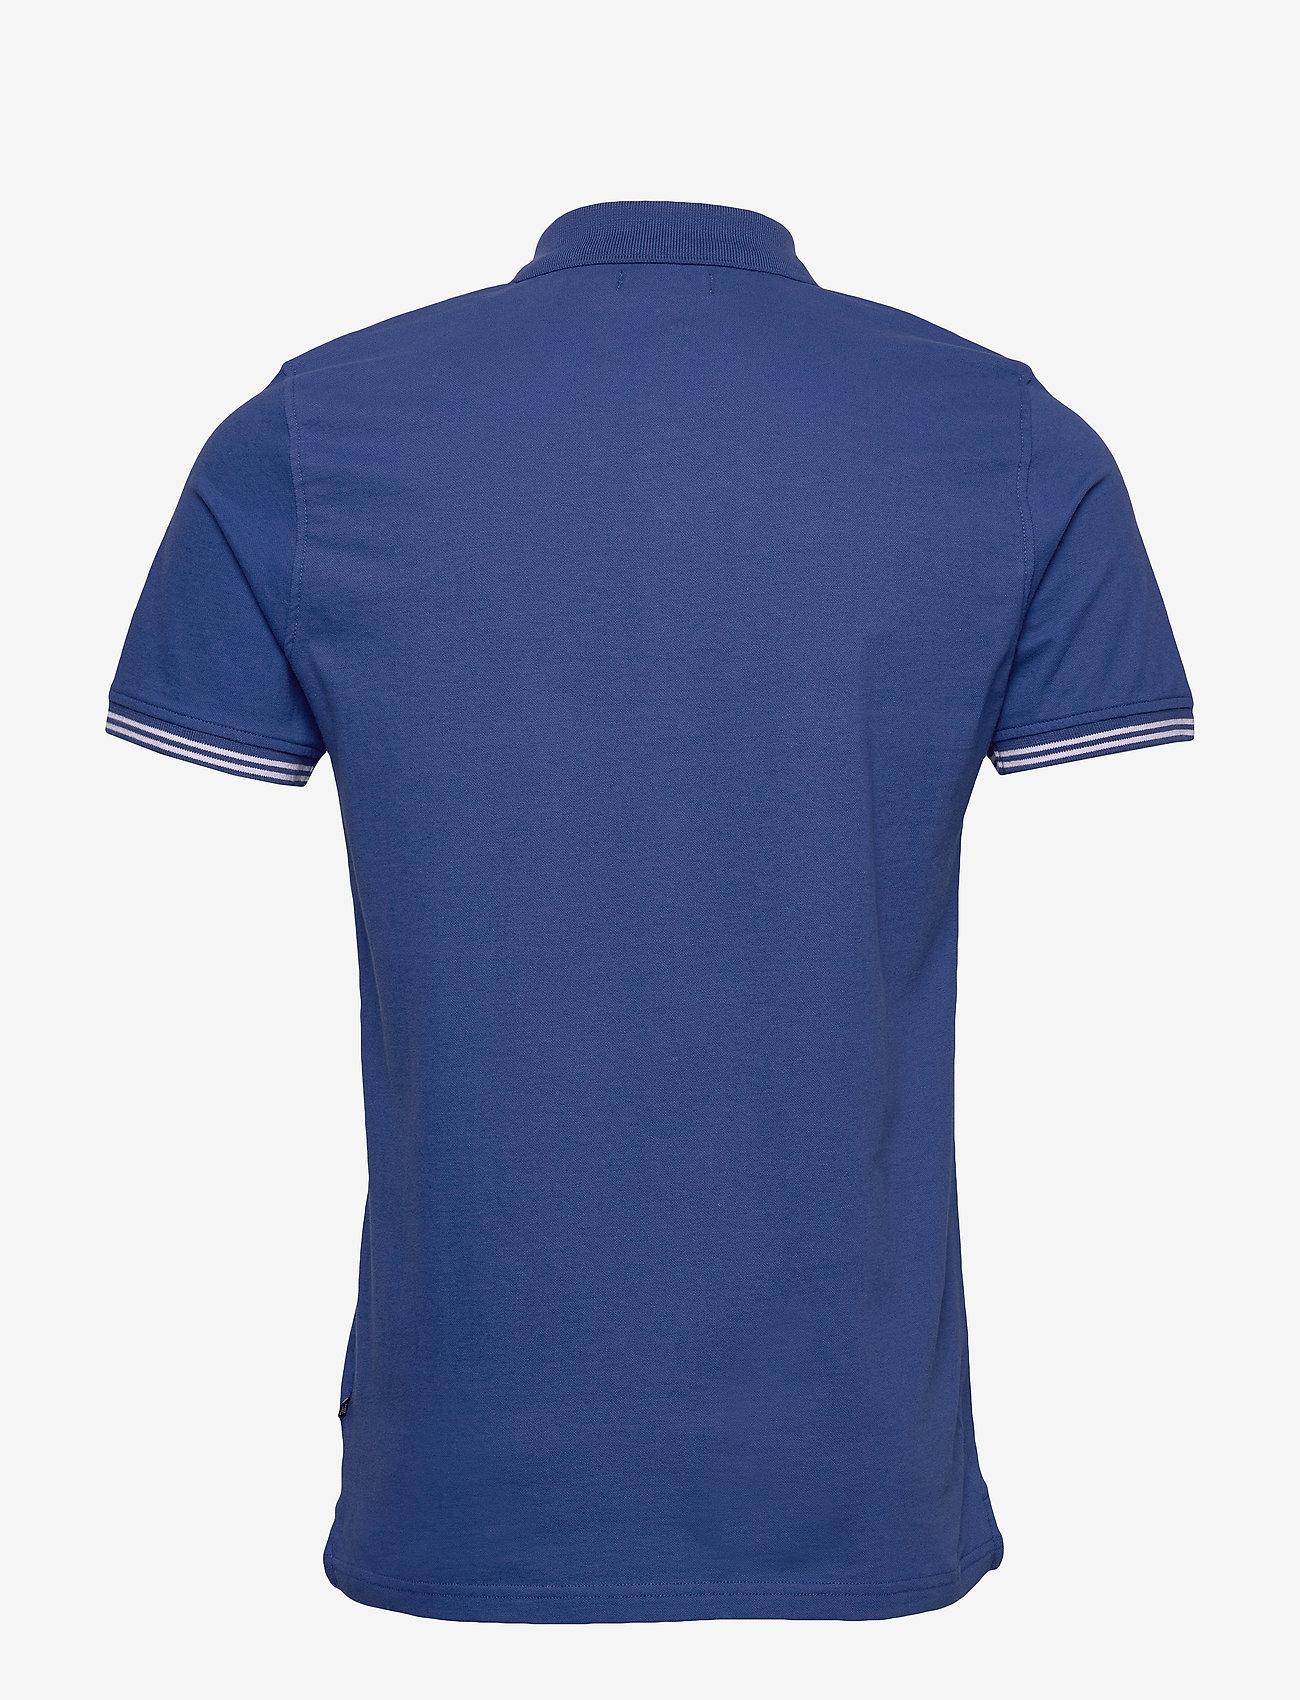 Matinique MApoleo DS - Poloskjorter MEDITERRANIEN BLUE - Menn Klær